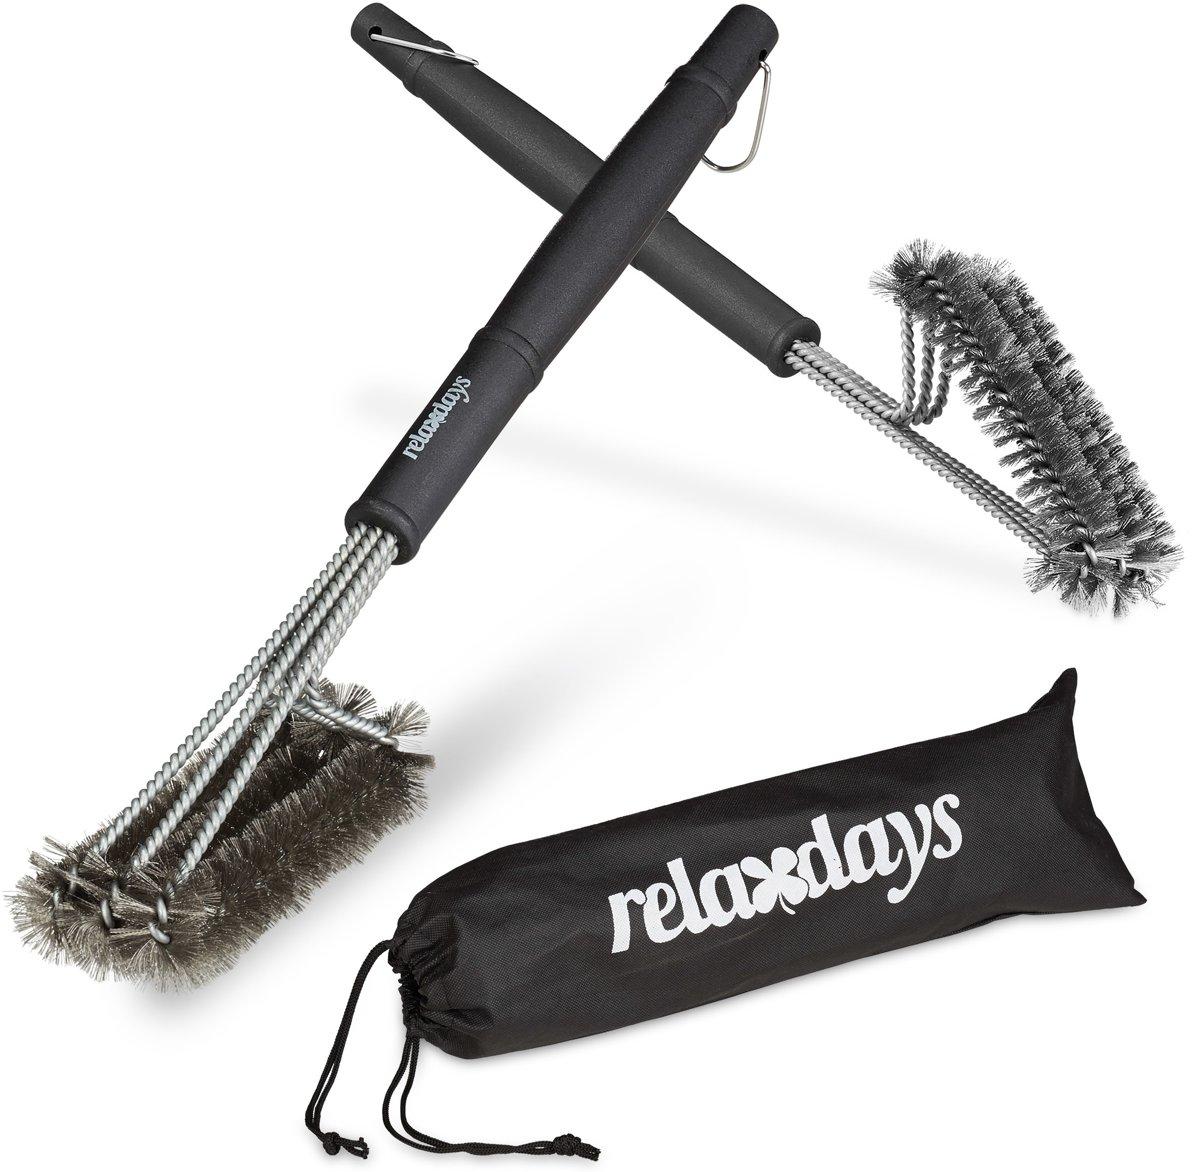 relaxdays 2x bbq borstel edelstaal - draadborstel barbecue schoonmaakborstel staalborstel kopen